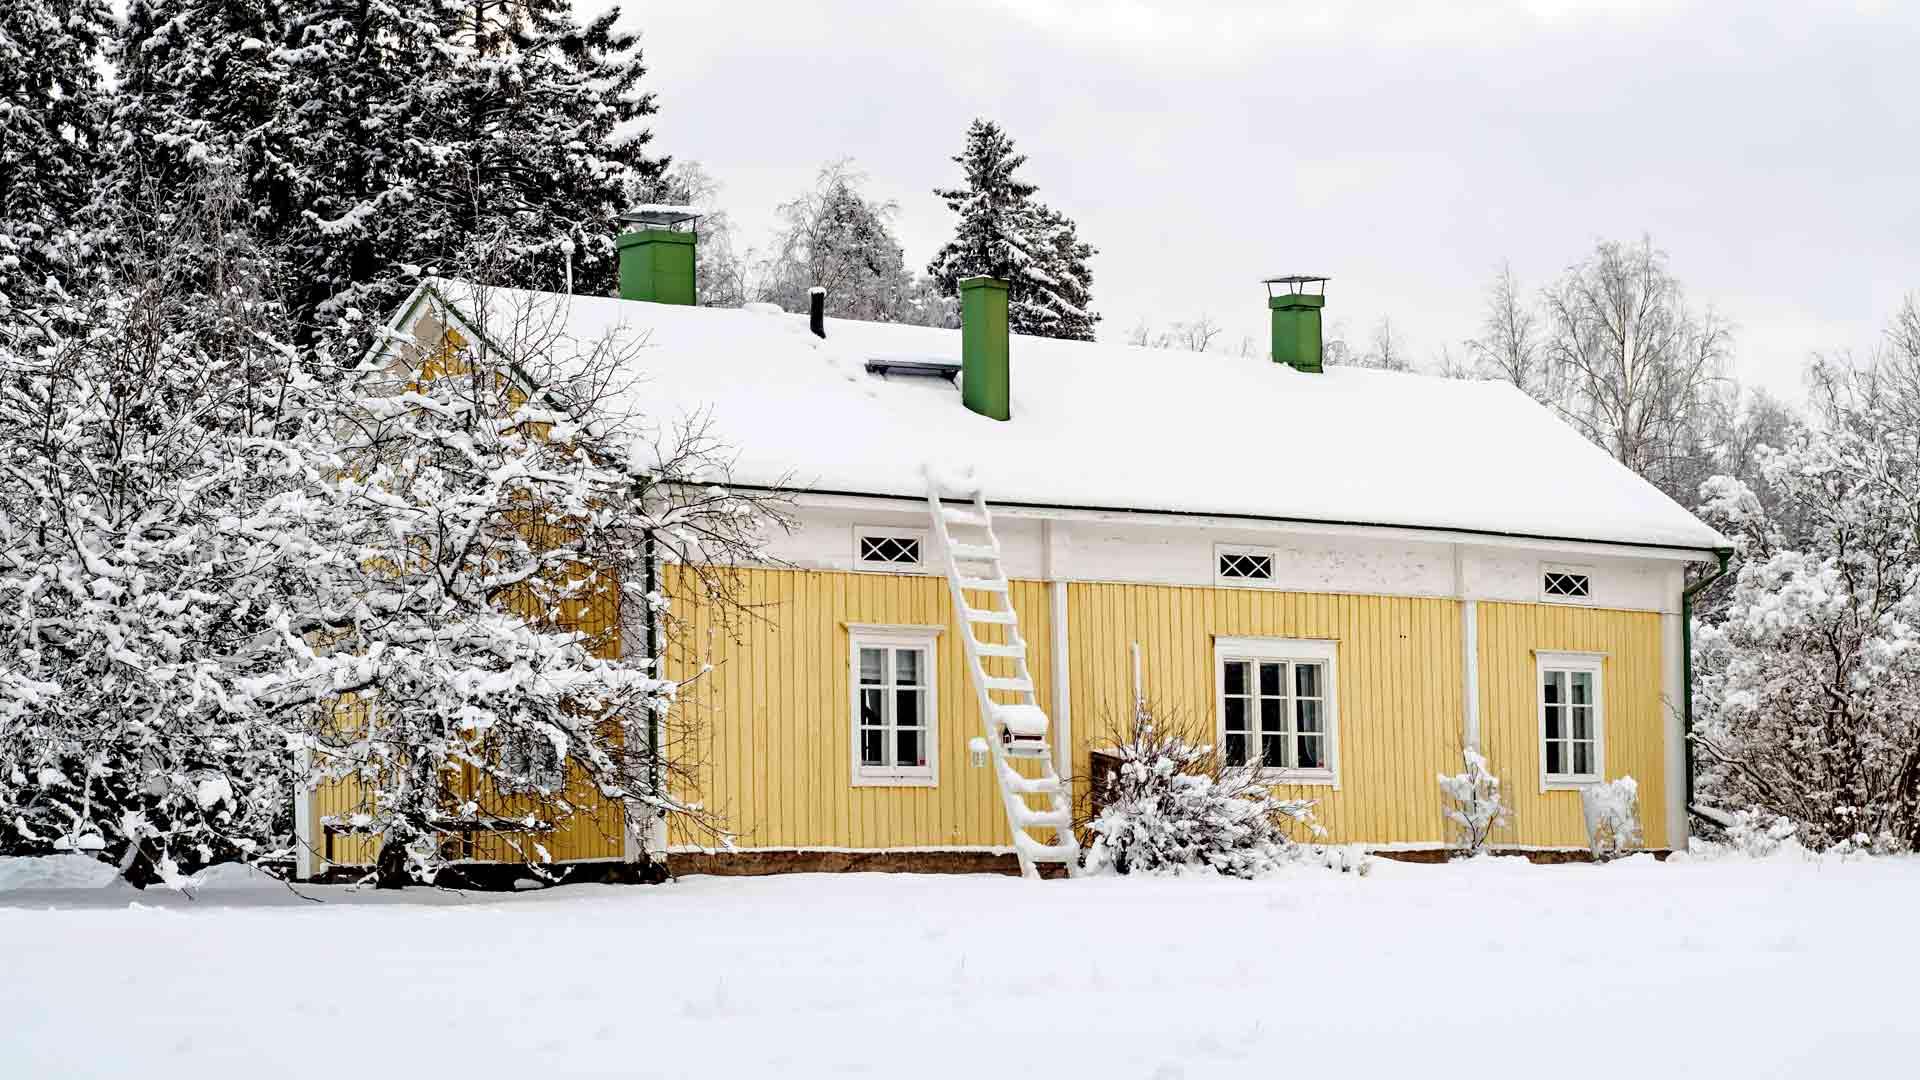 Ullavassa vuonna 1874 tehty ja Kokkolaan siirretty talo sijaitsee upealla paikalla ison pellon vieressä.